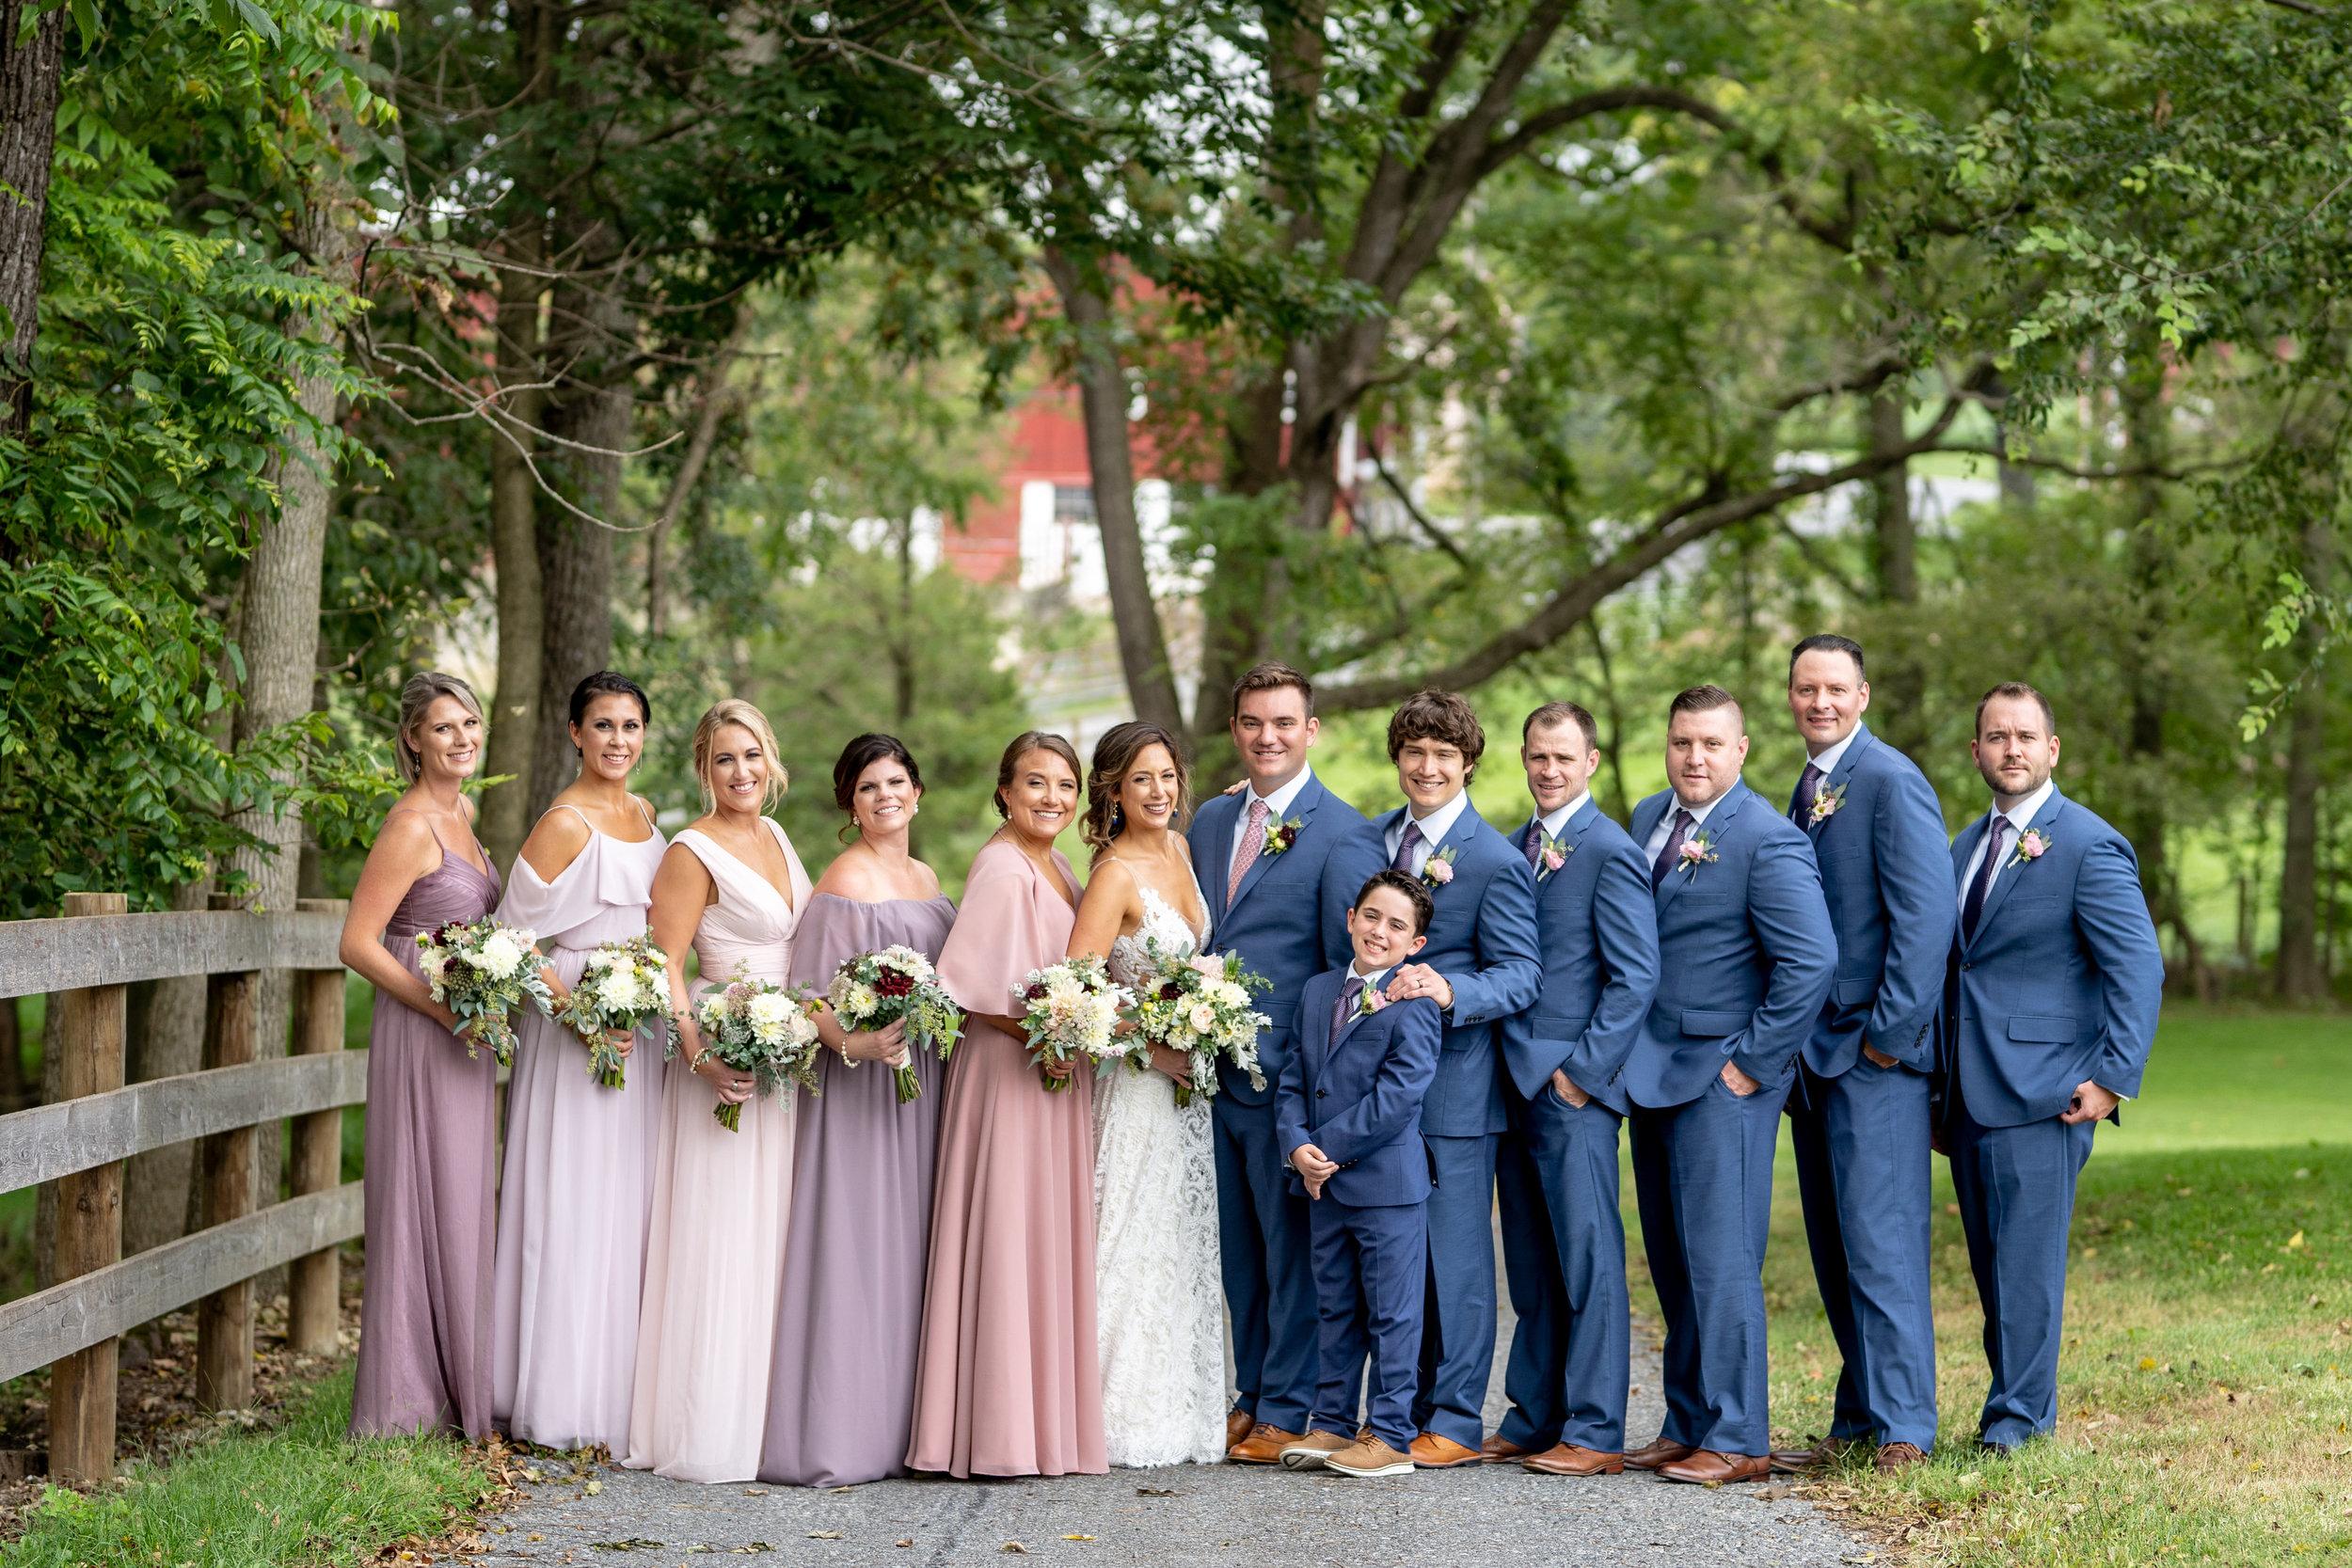 Chestnut-Hill-Villa-Wedding-September-07-2018-351.jpg